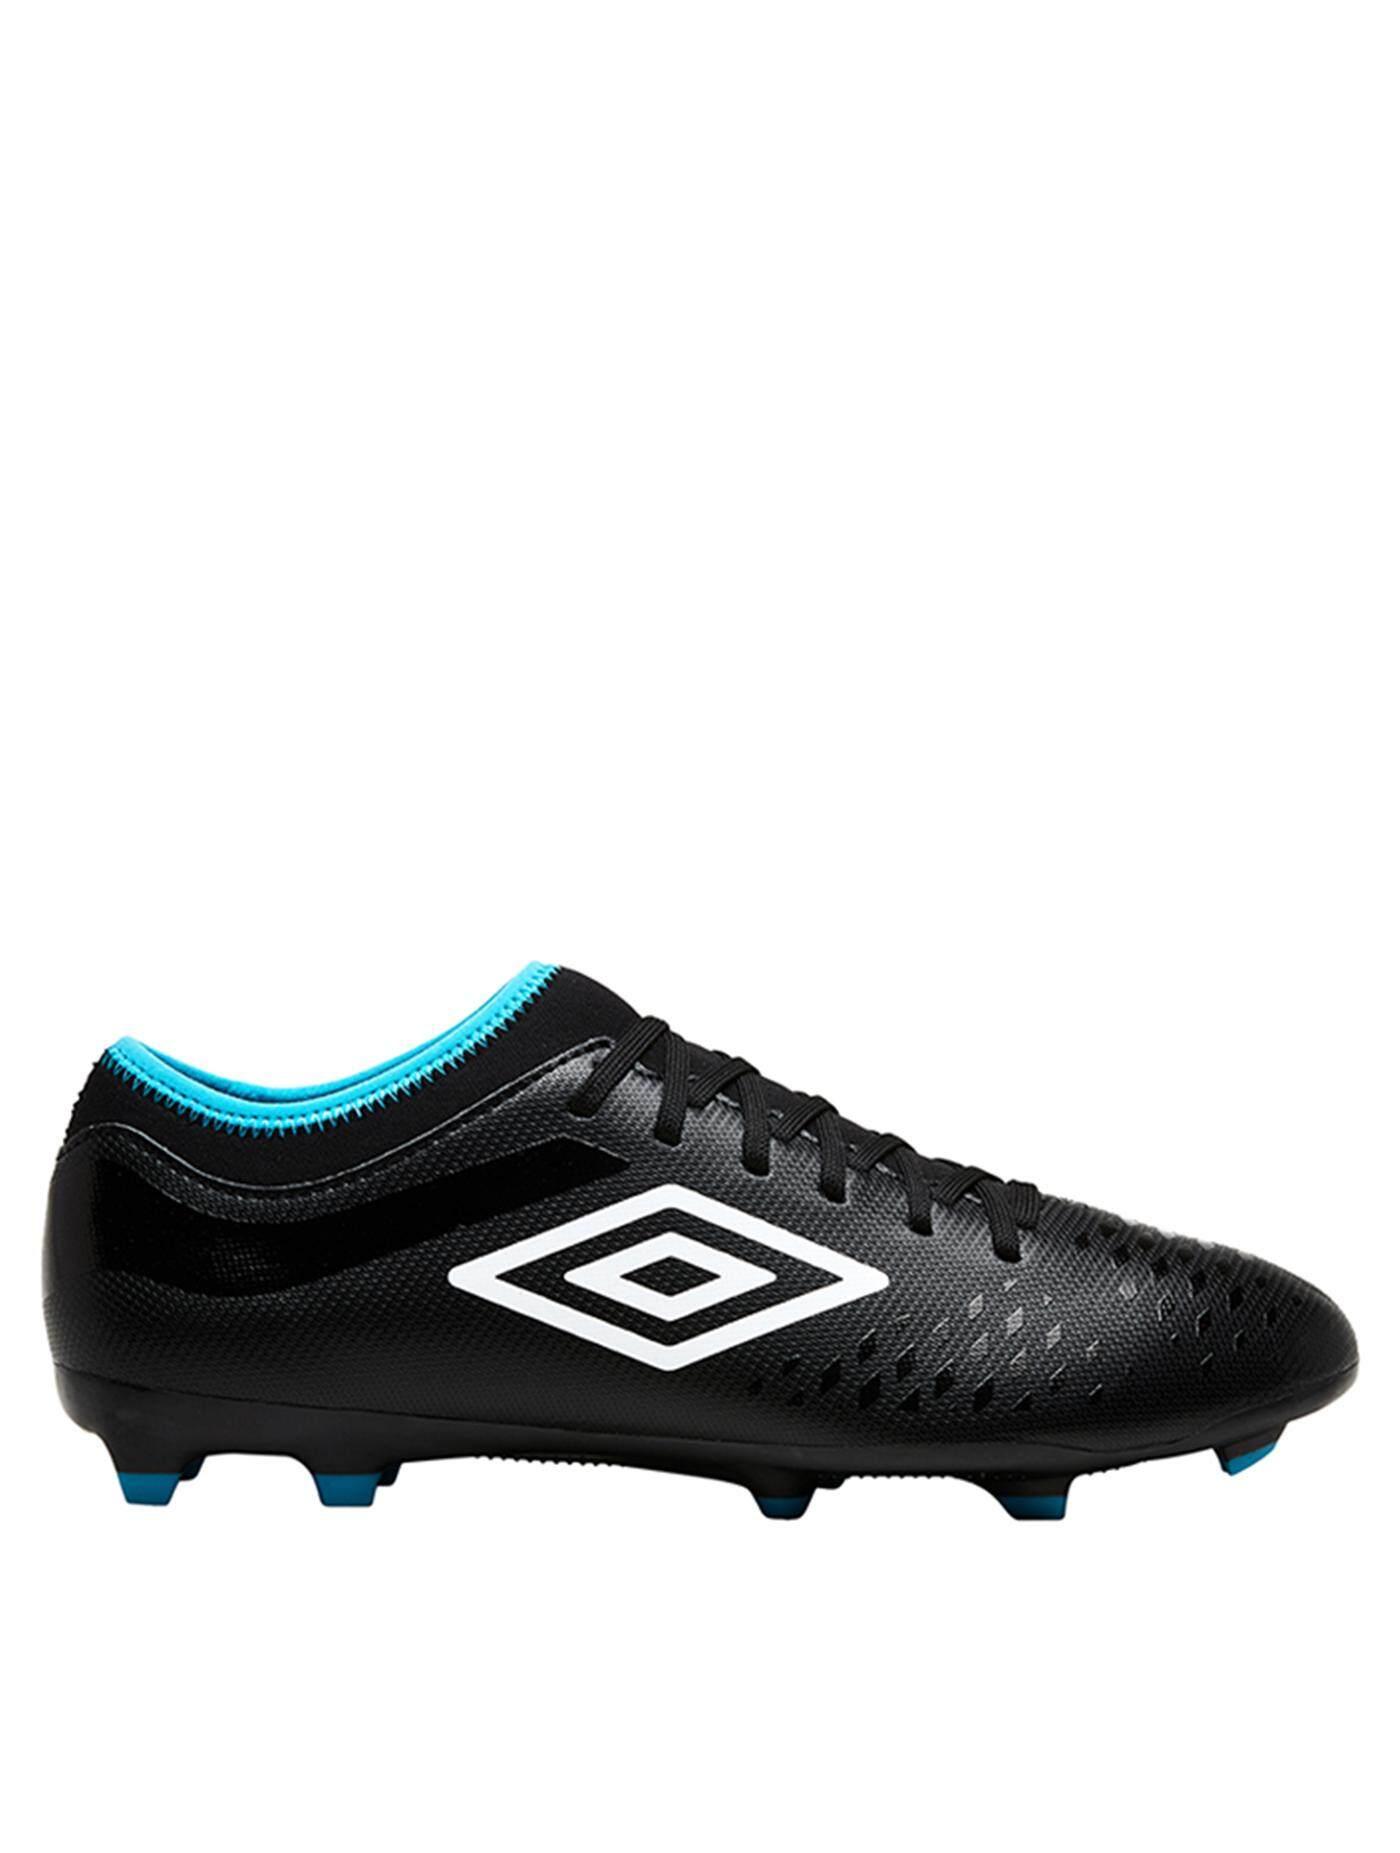 Umbro รองเท้าฟุตบอลผู้ชาย Velocita 4 Club (fg) 81396u-Fyt ไซส์ Us9_สีดำ By Lnwitem.